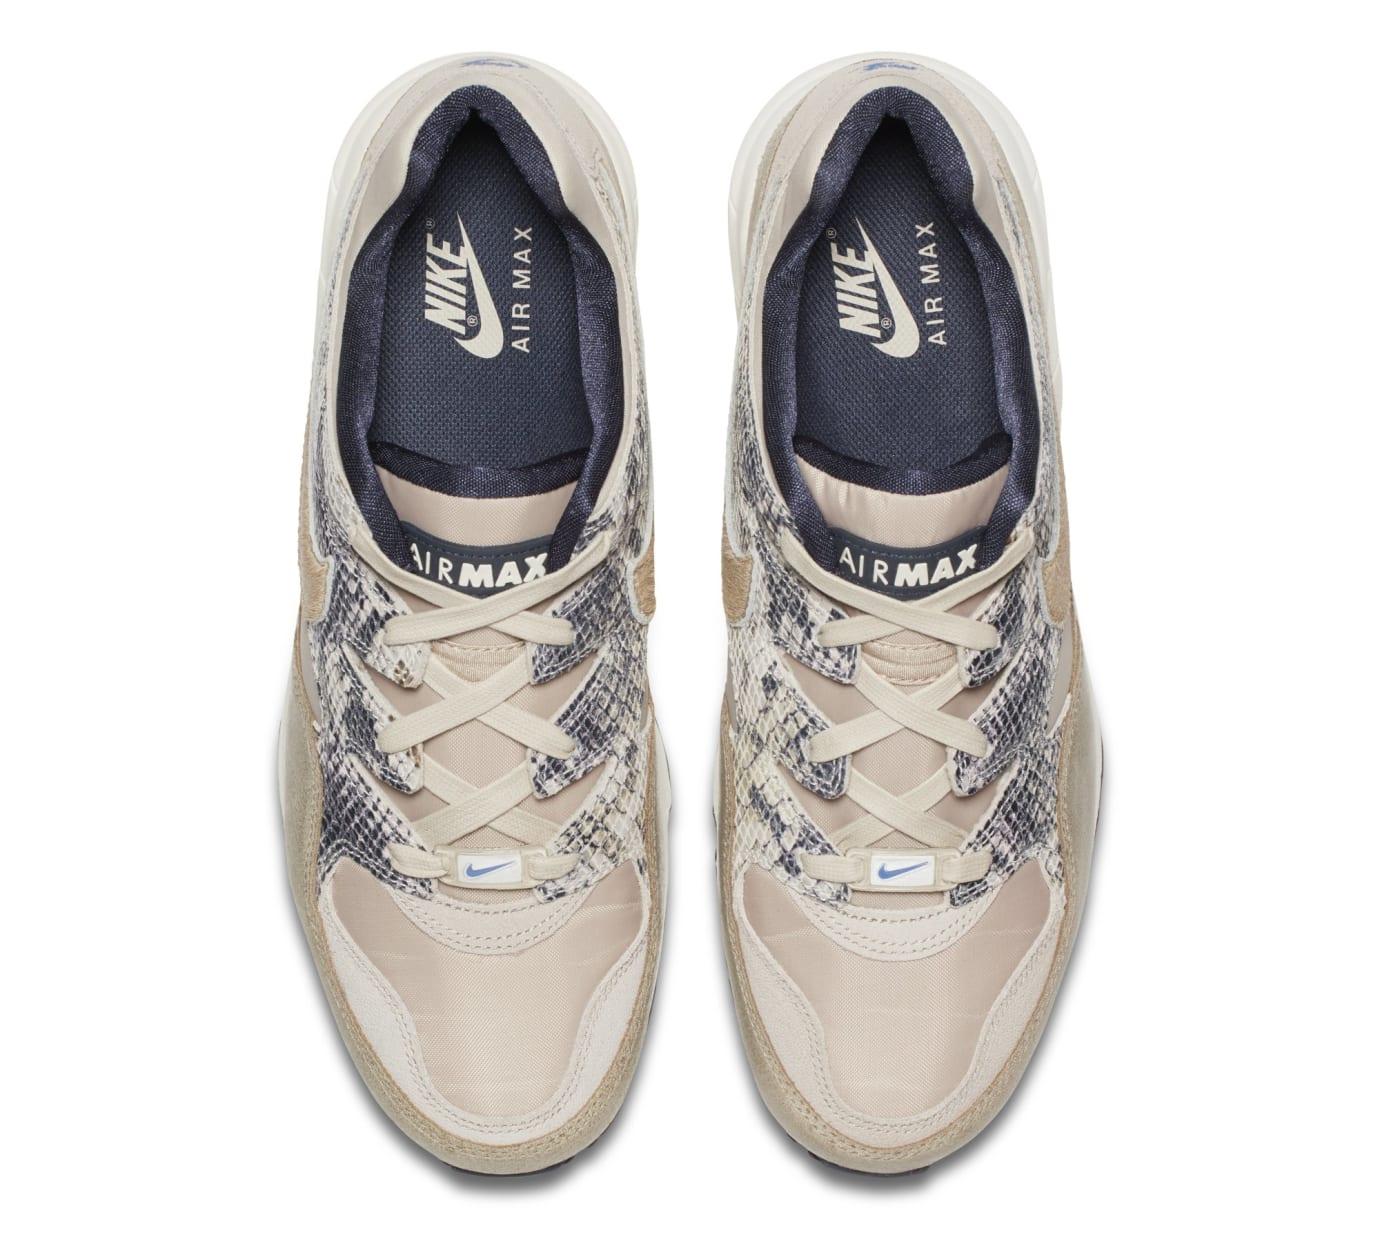 Nike Air Max 94 'Snakeskin' AT8439-001 (Top)